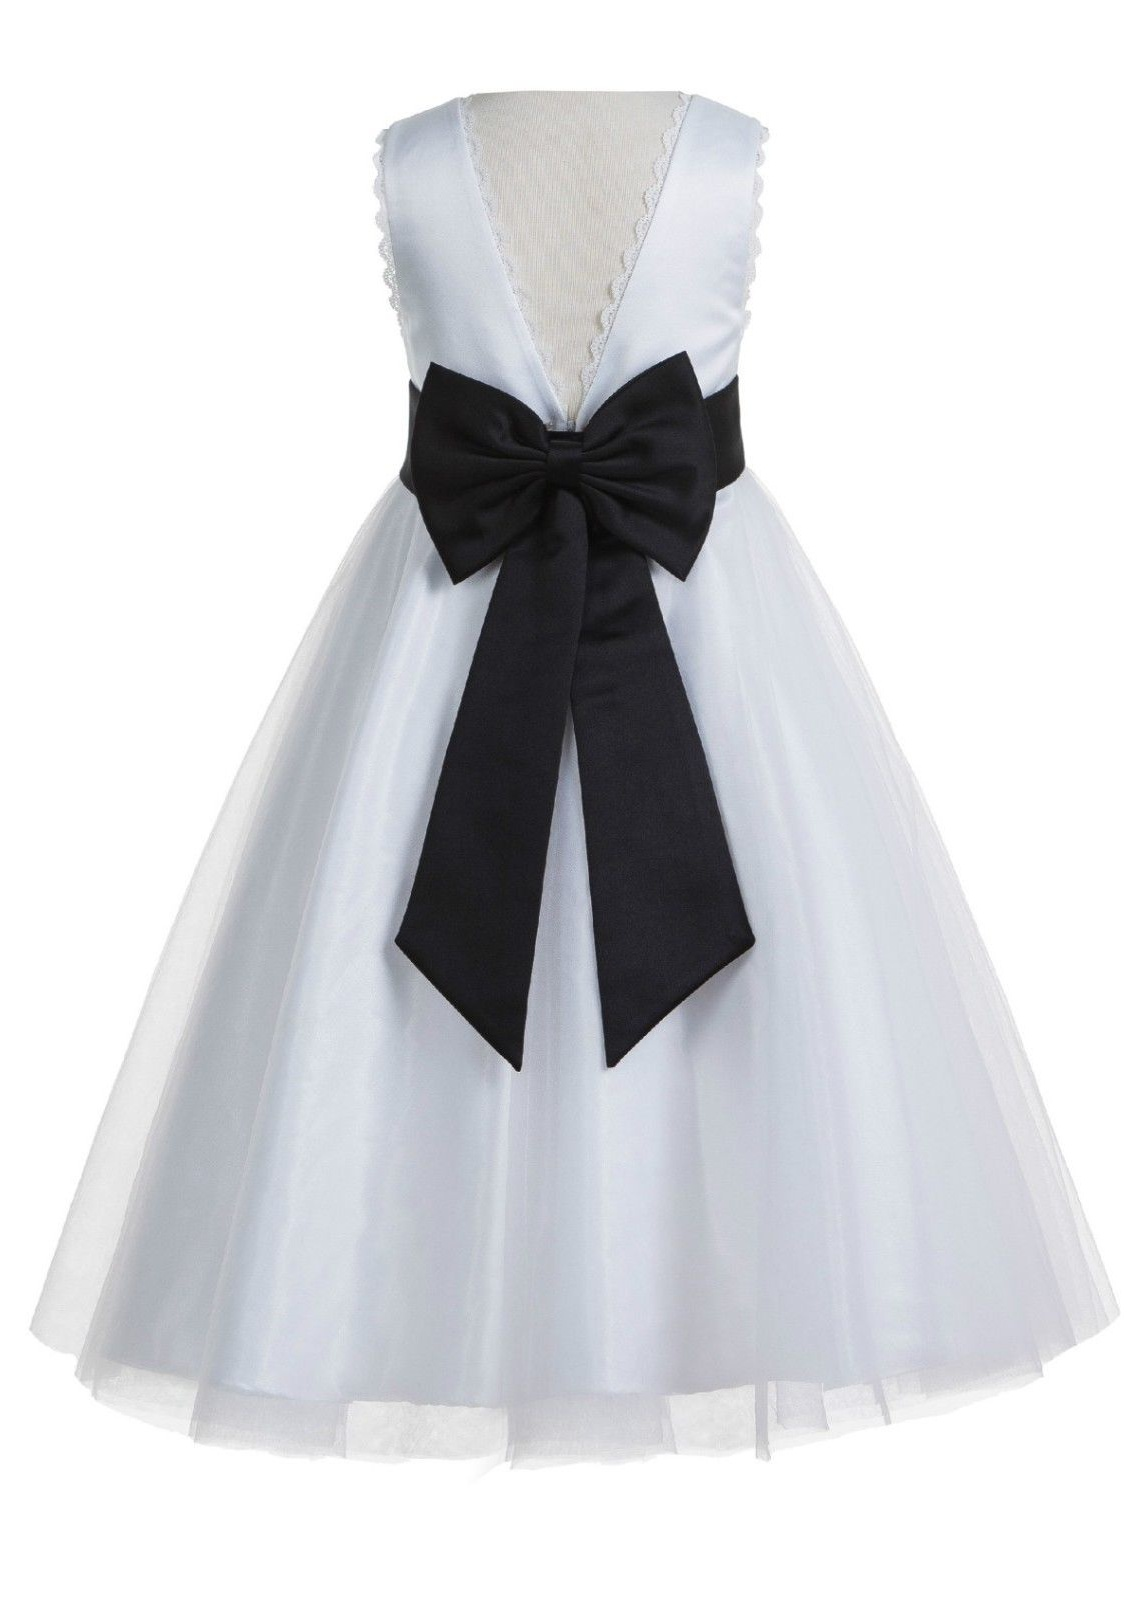 EkidsBridal V-Back Lace Edge White Flower Girl Dresses Silver Baptism Dress Birthday Girl Dress Ball Gown Communion Dresses 183T